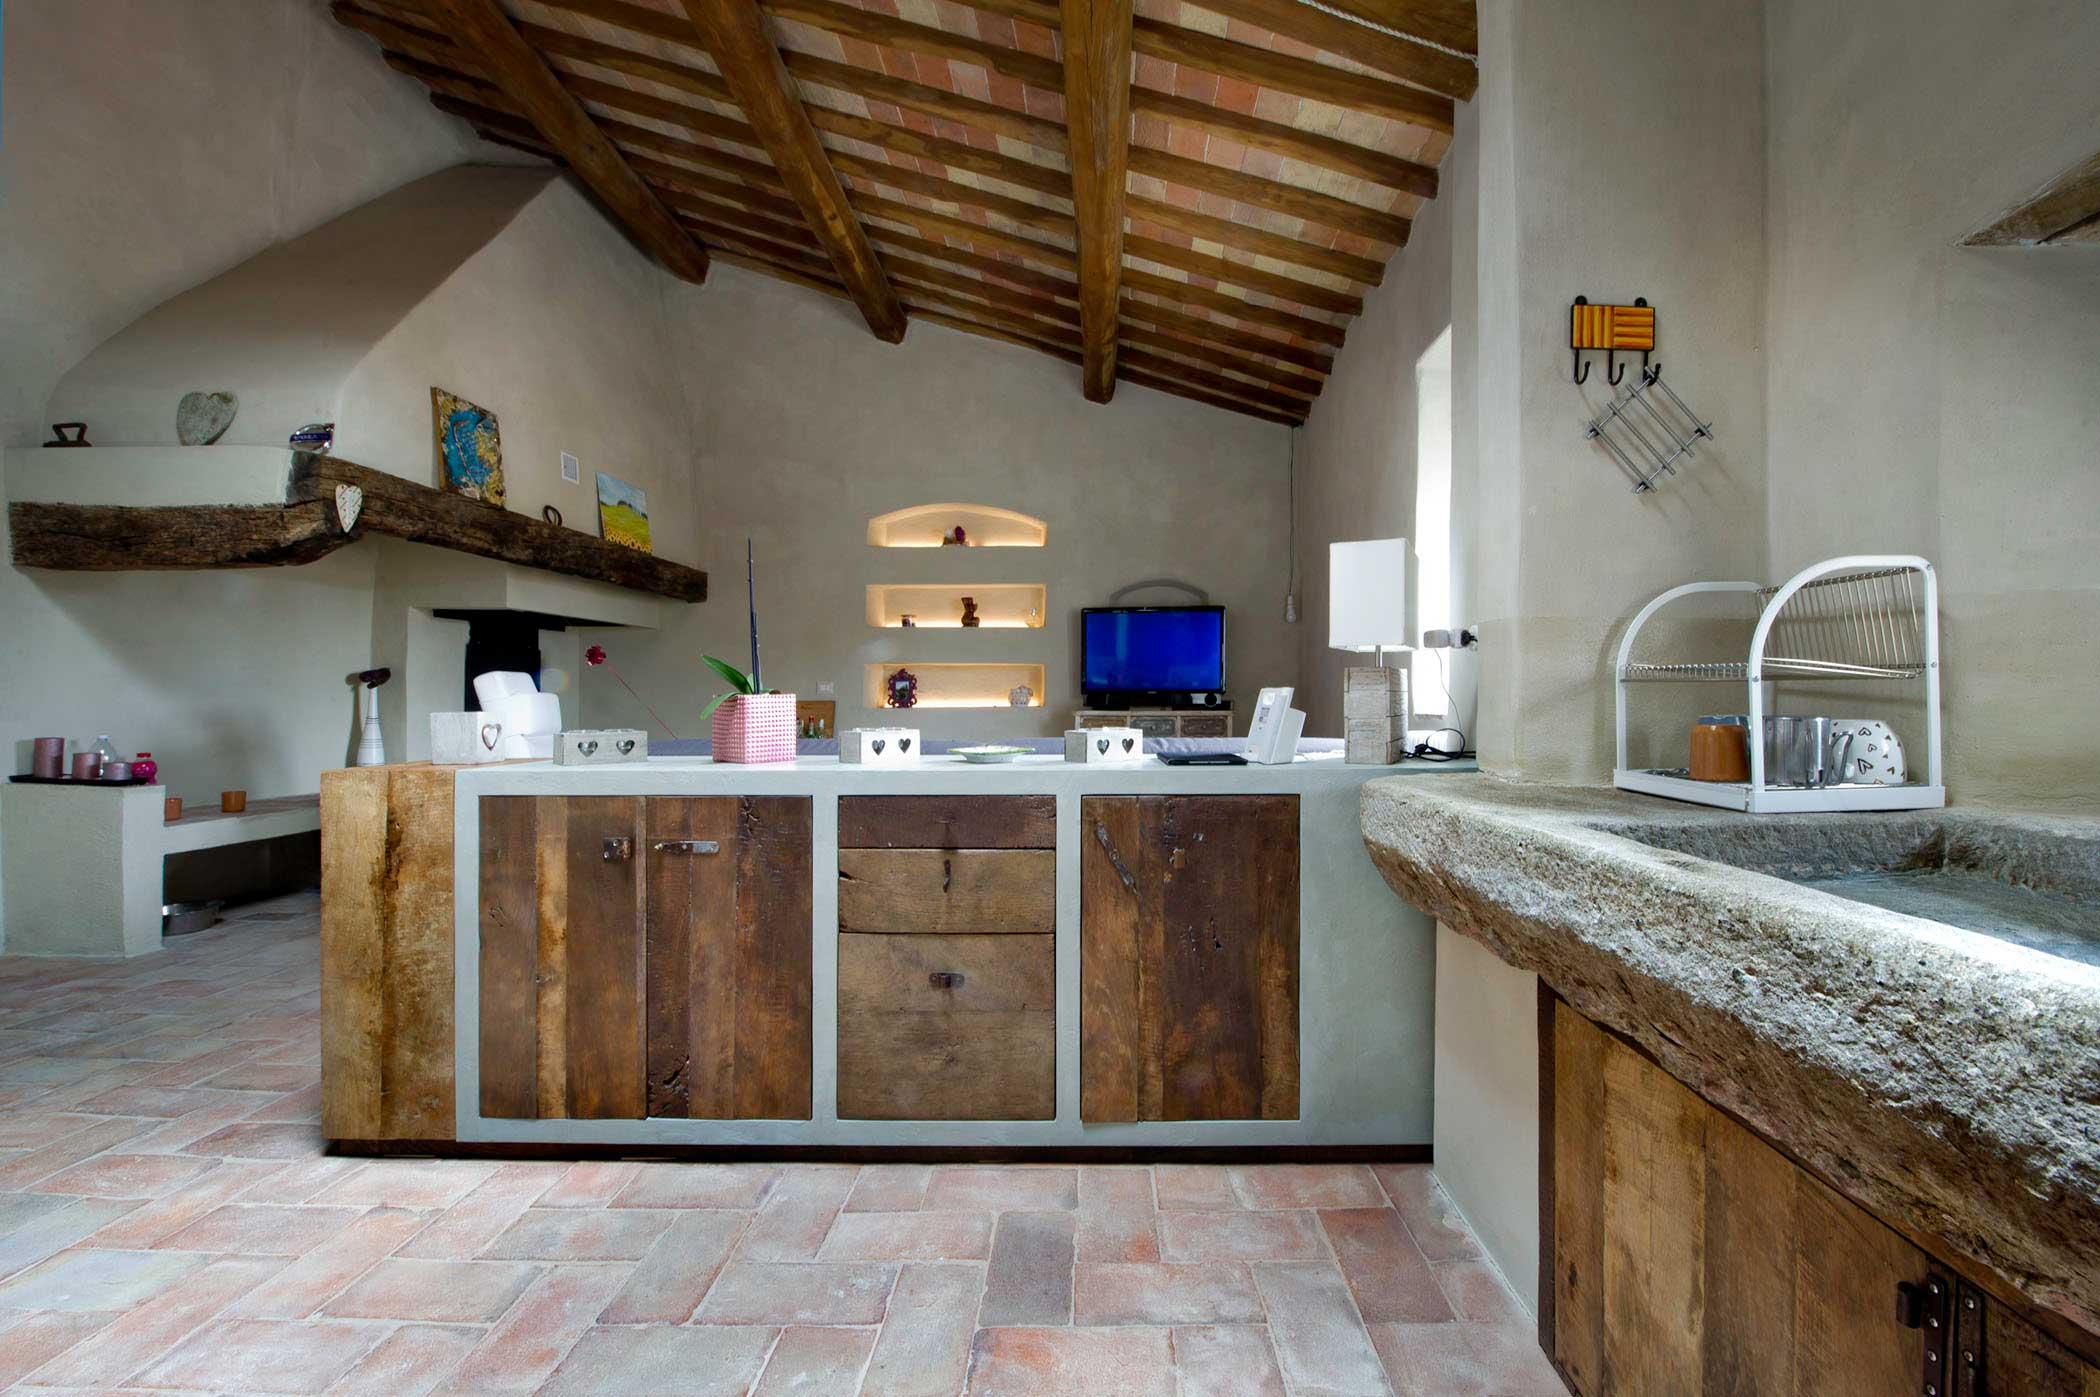 Una cucina antica cucina antica naturale sana